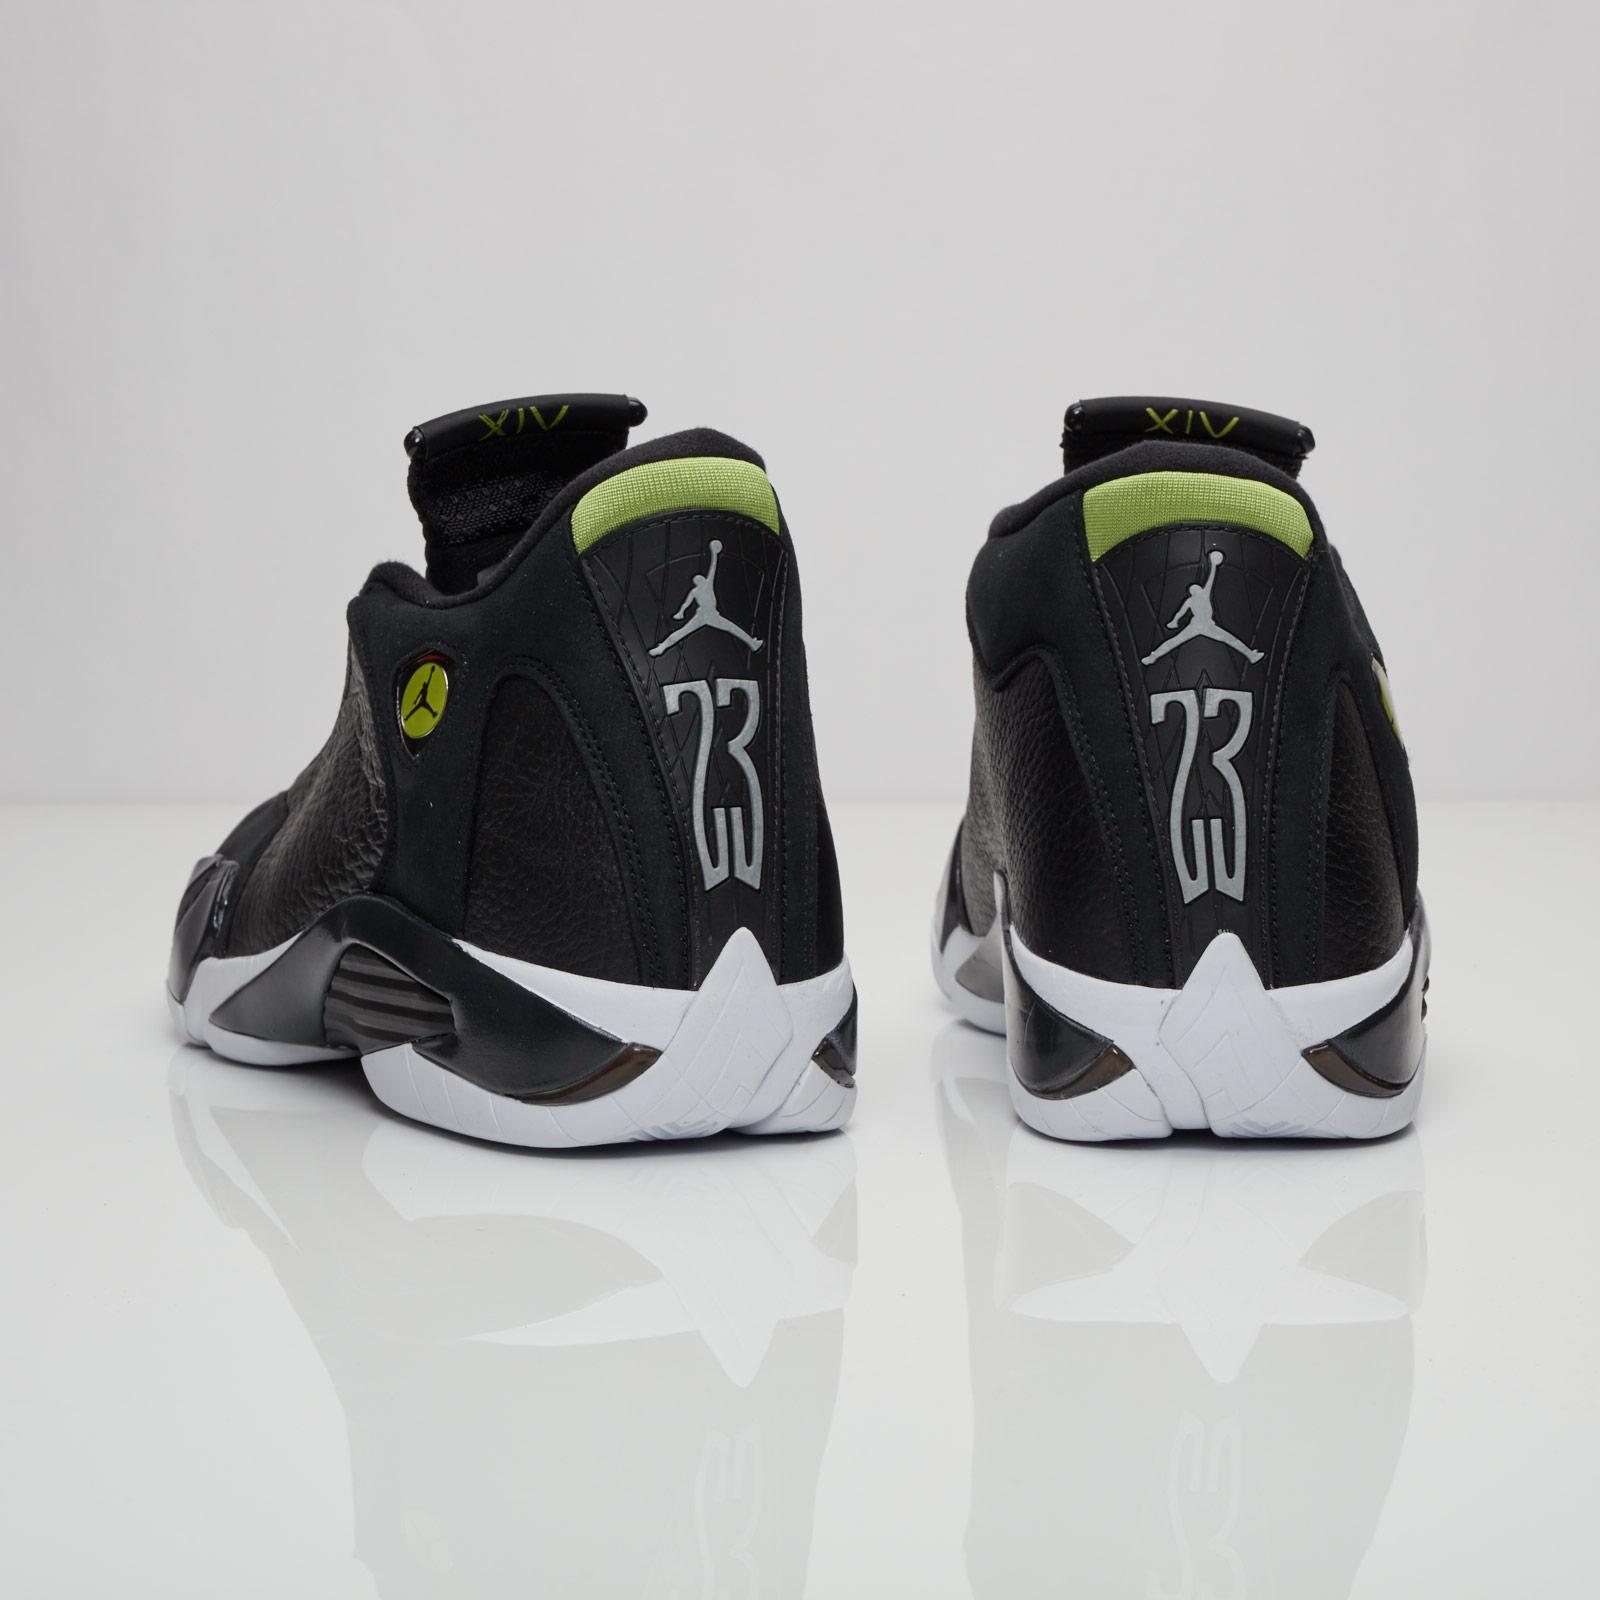 3c2621c3ebe088 Jordan Brand Air Jordan 14 Retro - 487471-005 - Sneakersnstuff ...